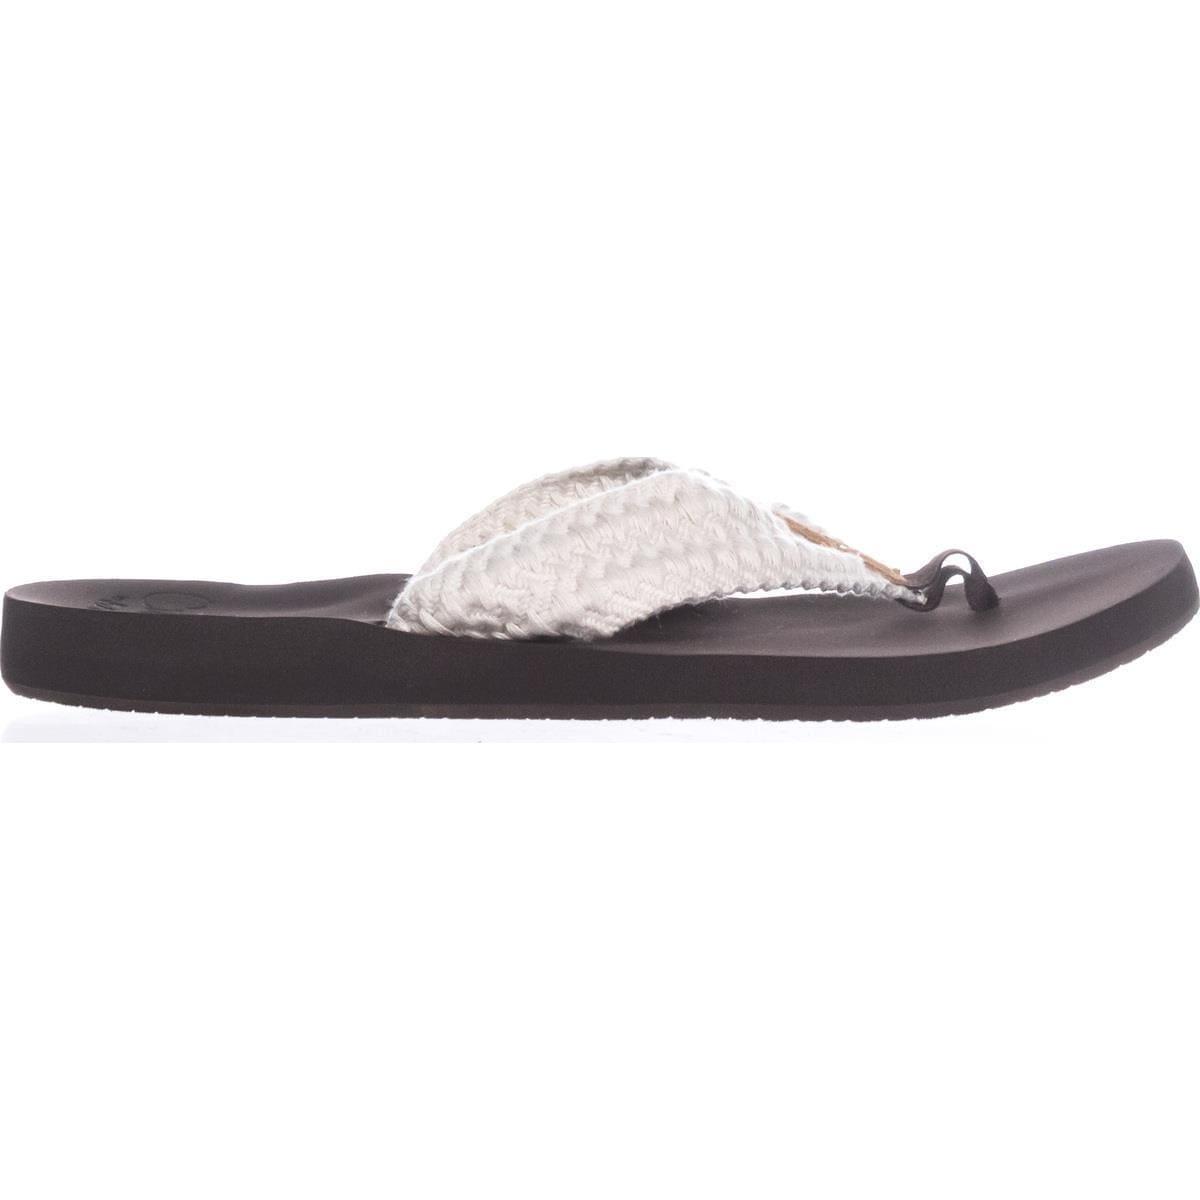 0c7b0dd9a655 Shop Reef Cushion Threads Knit Flip Flops